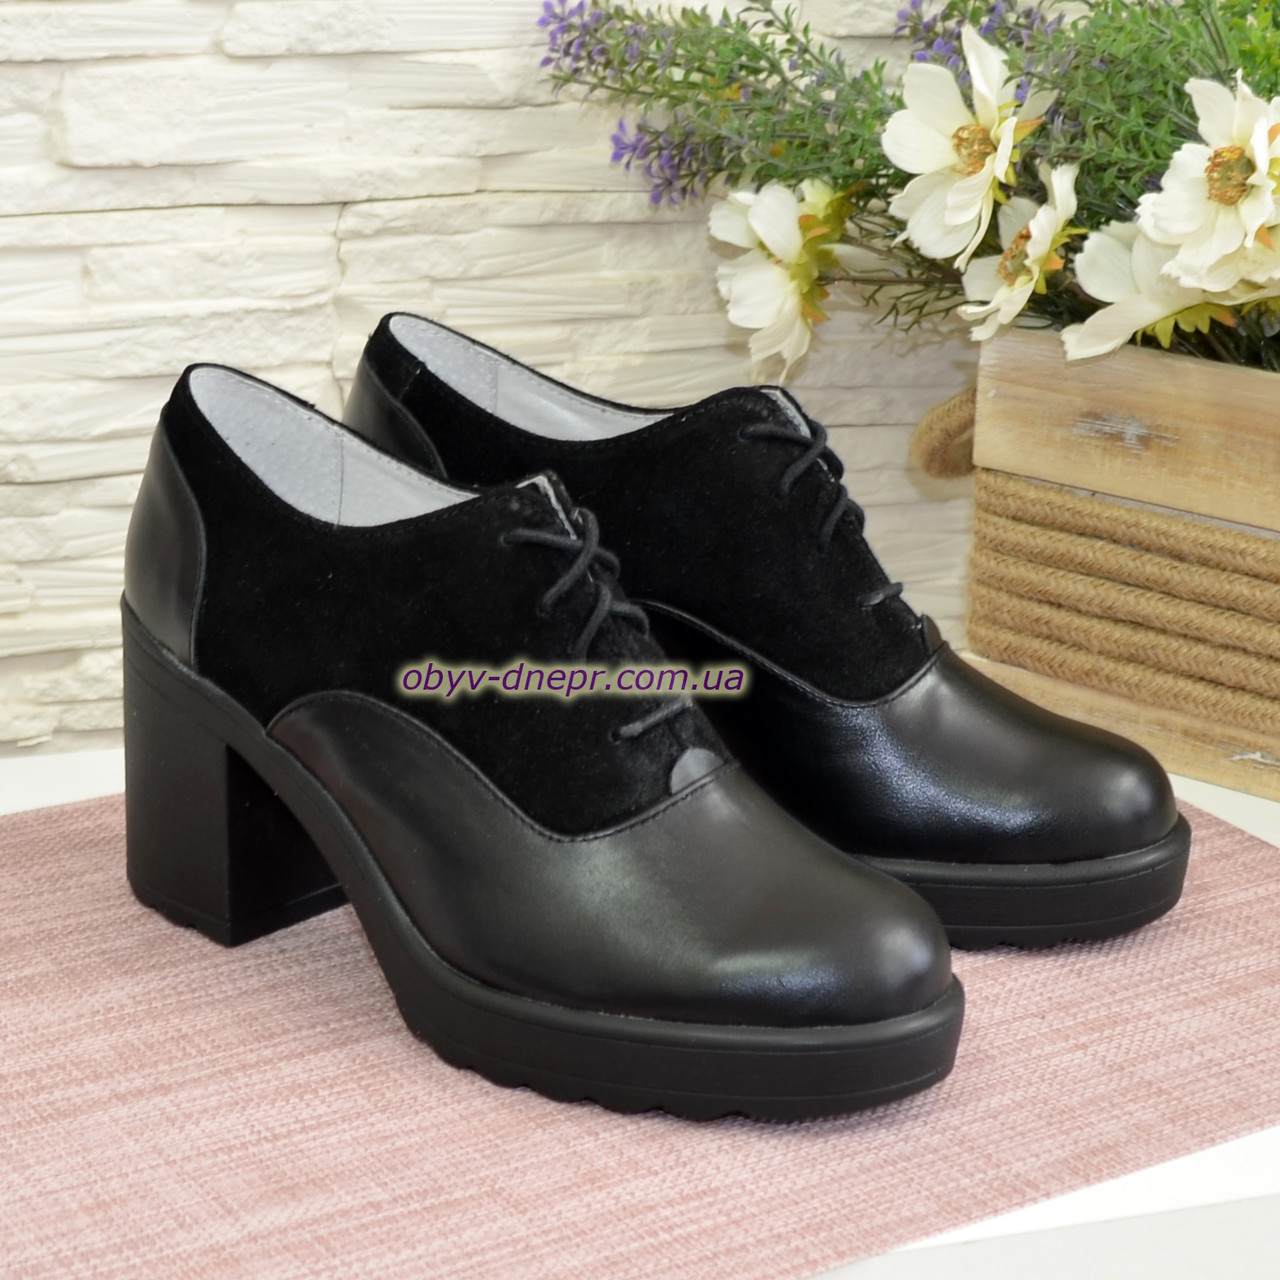 Туфли женские на широком устойчивом каблуке, натуральная кожа и замша